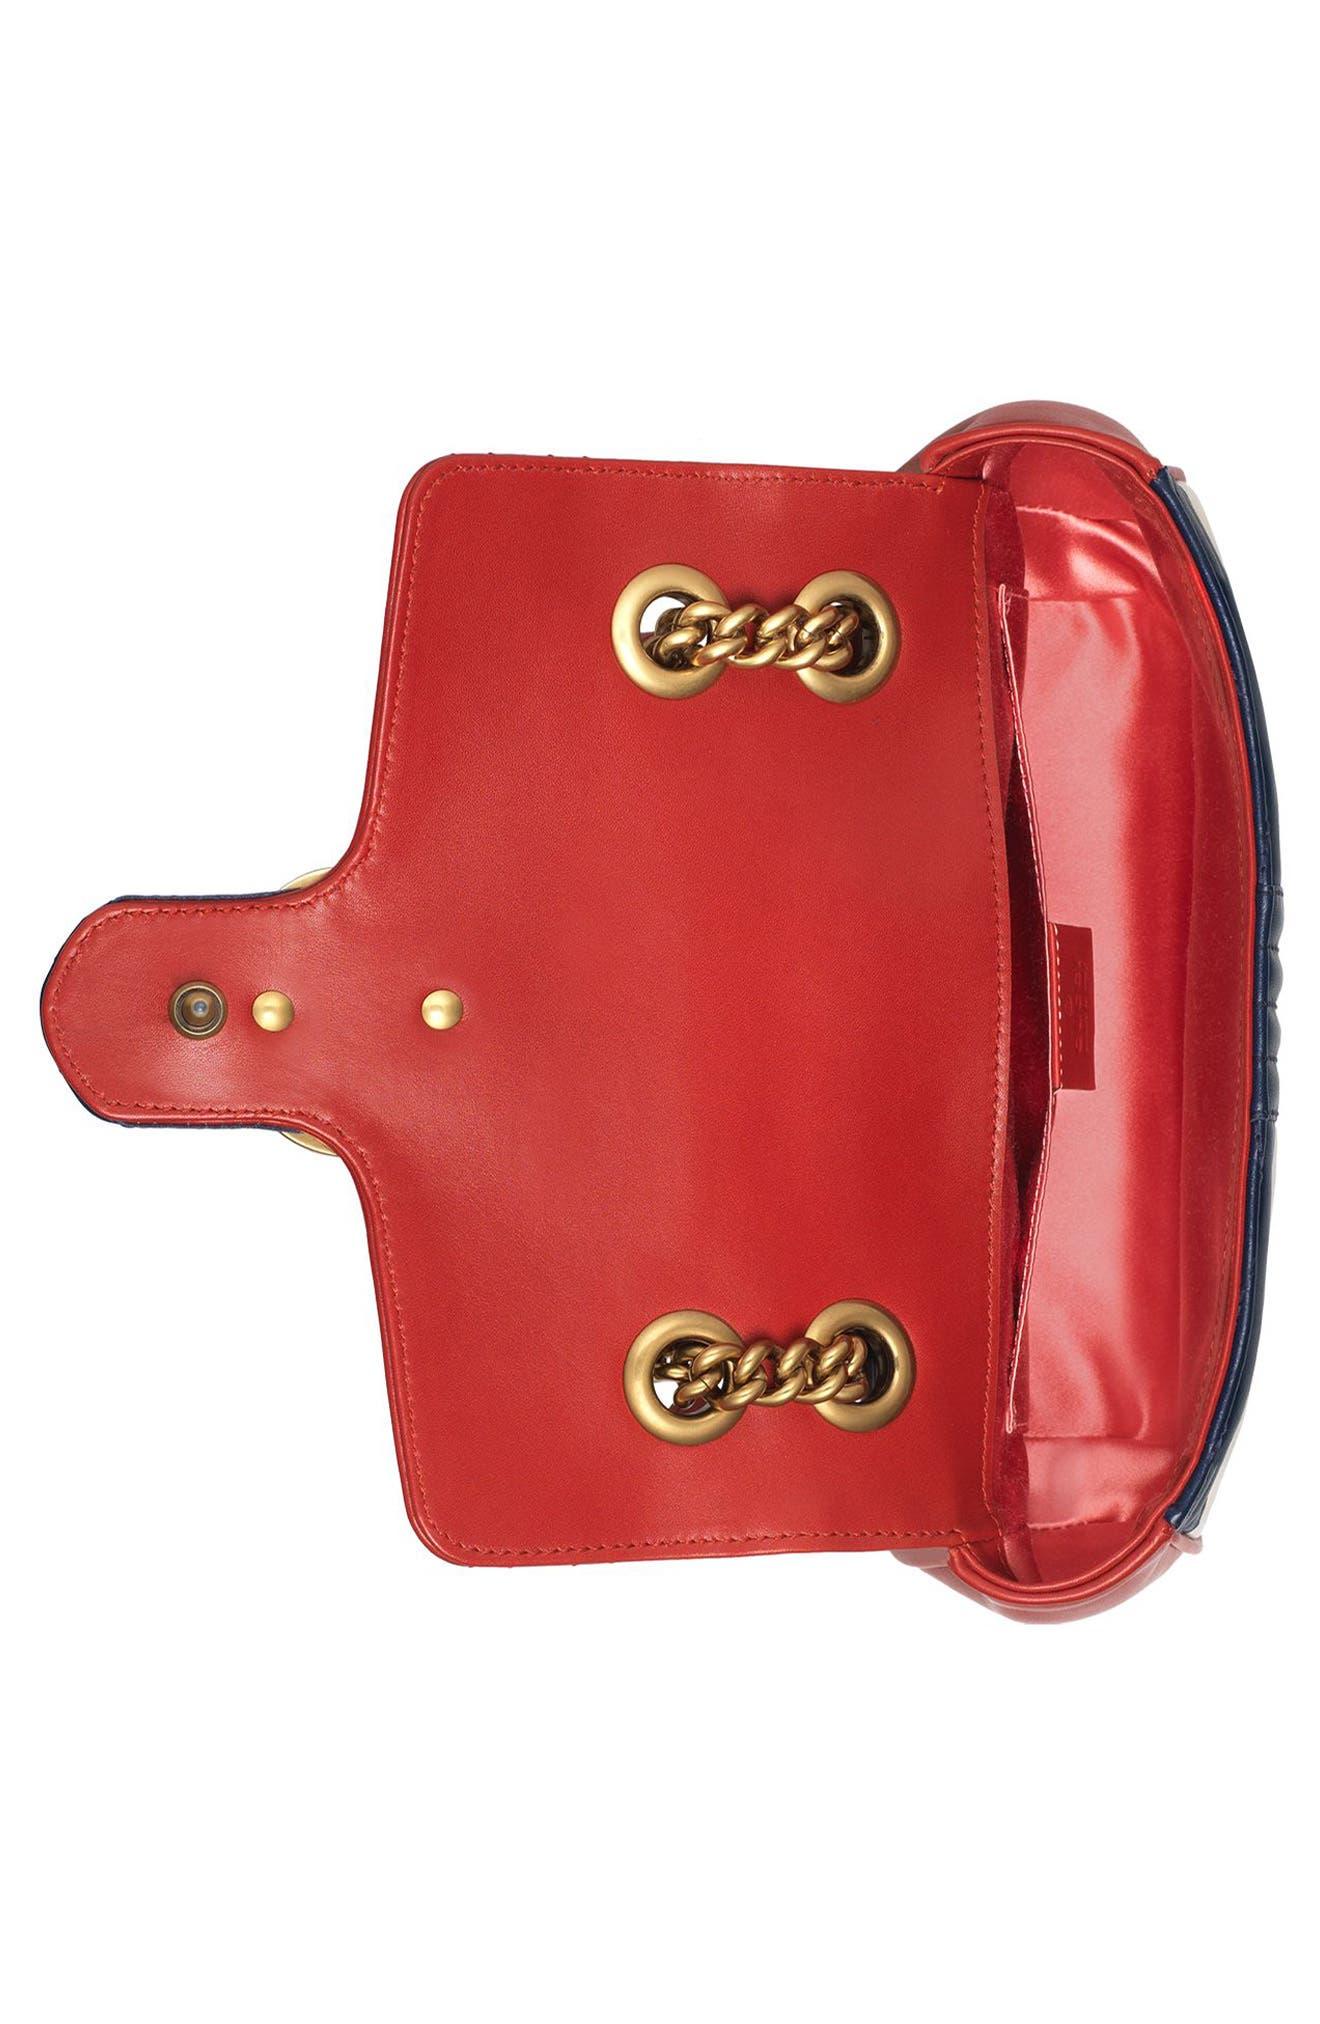 Mini GG Marmont 2.0 Tricolor Matelassé Leather Shoulder Bag,                             Alternate thumbnail 3, color,                             625